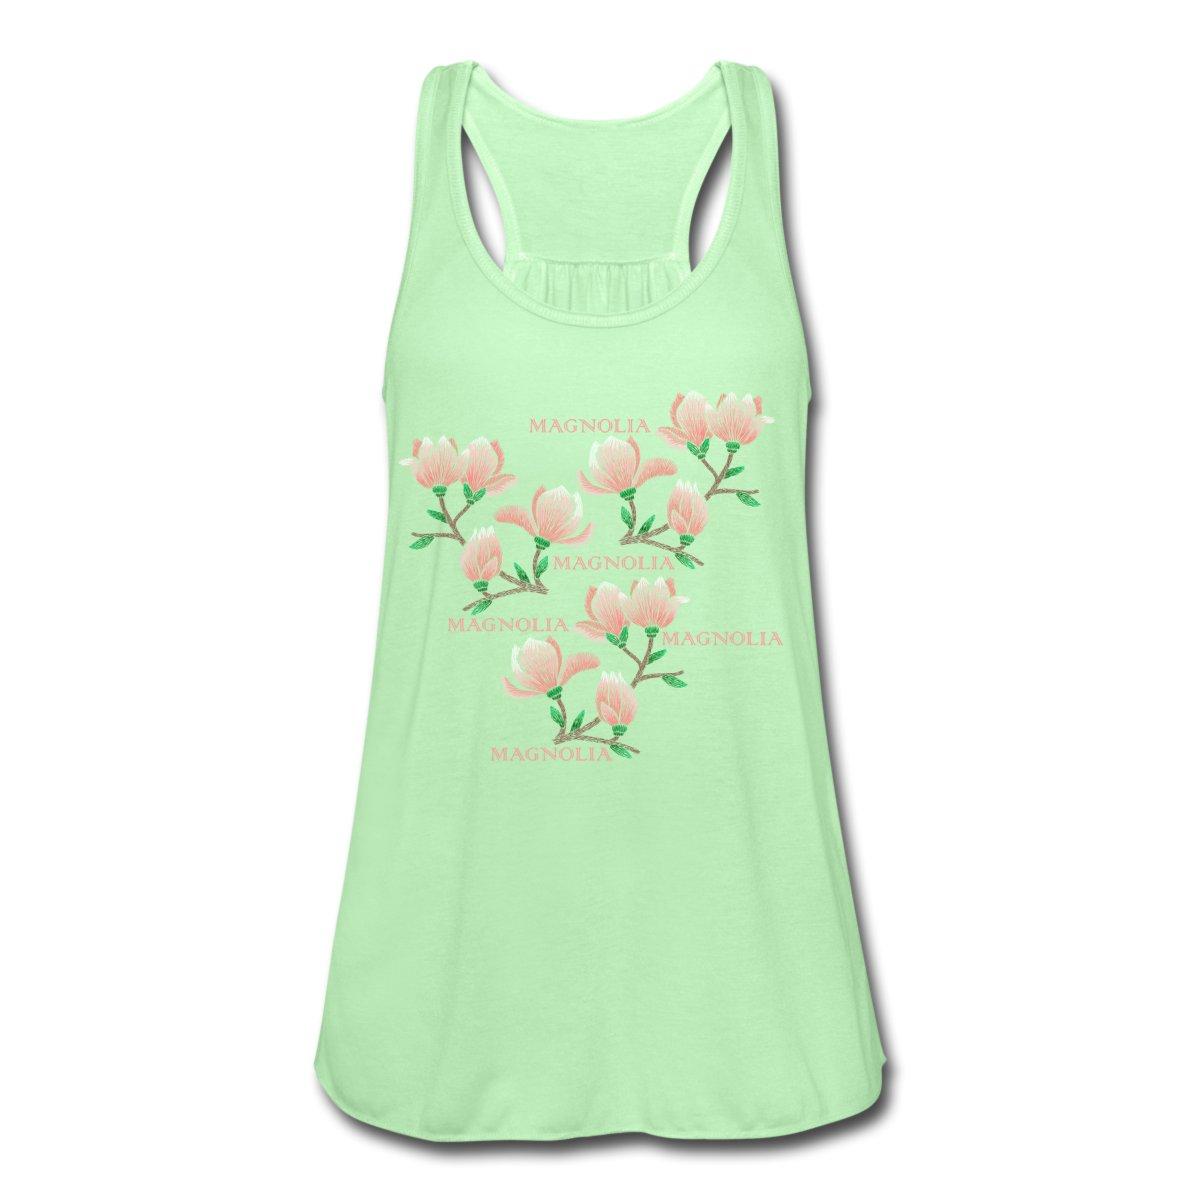 Ekologiskt linne, dam. Tryck av magnolia. www.luckimi.com @luckimibrand